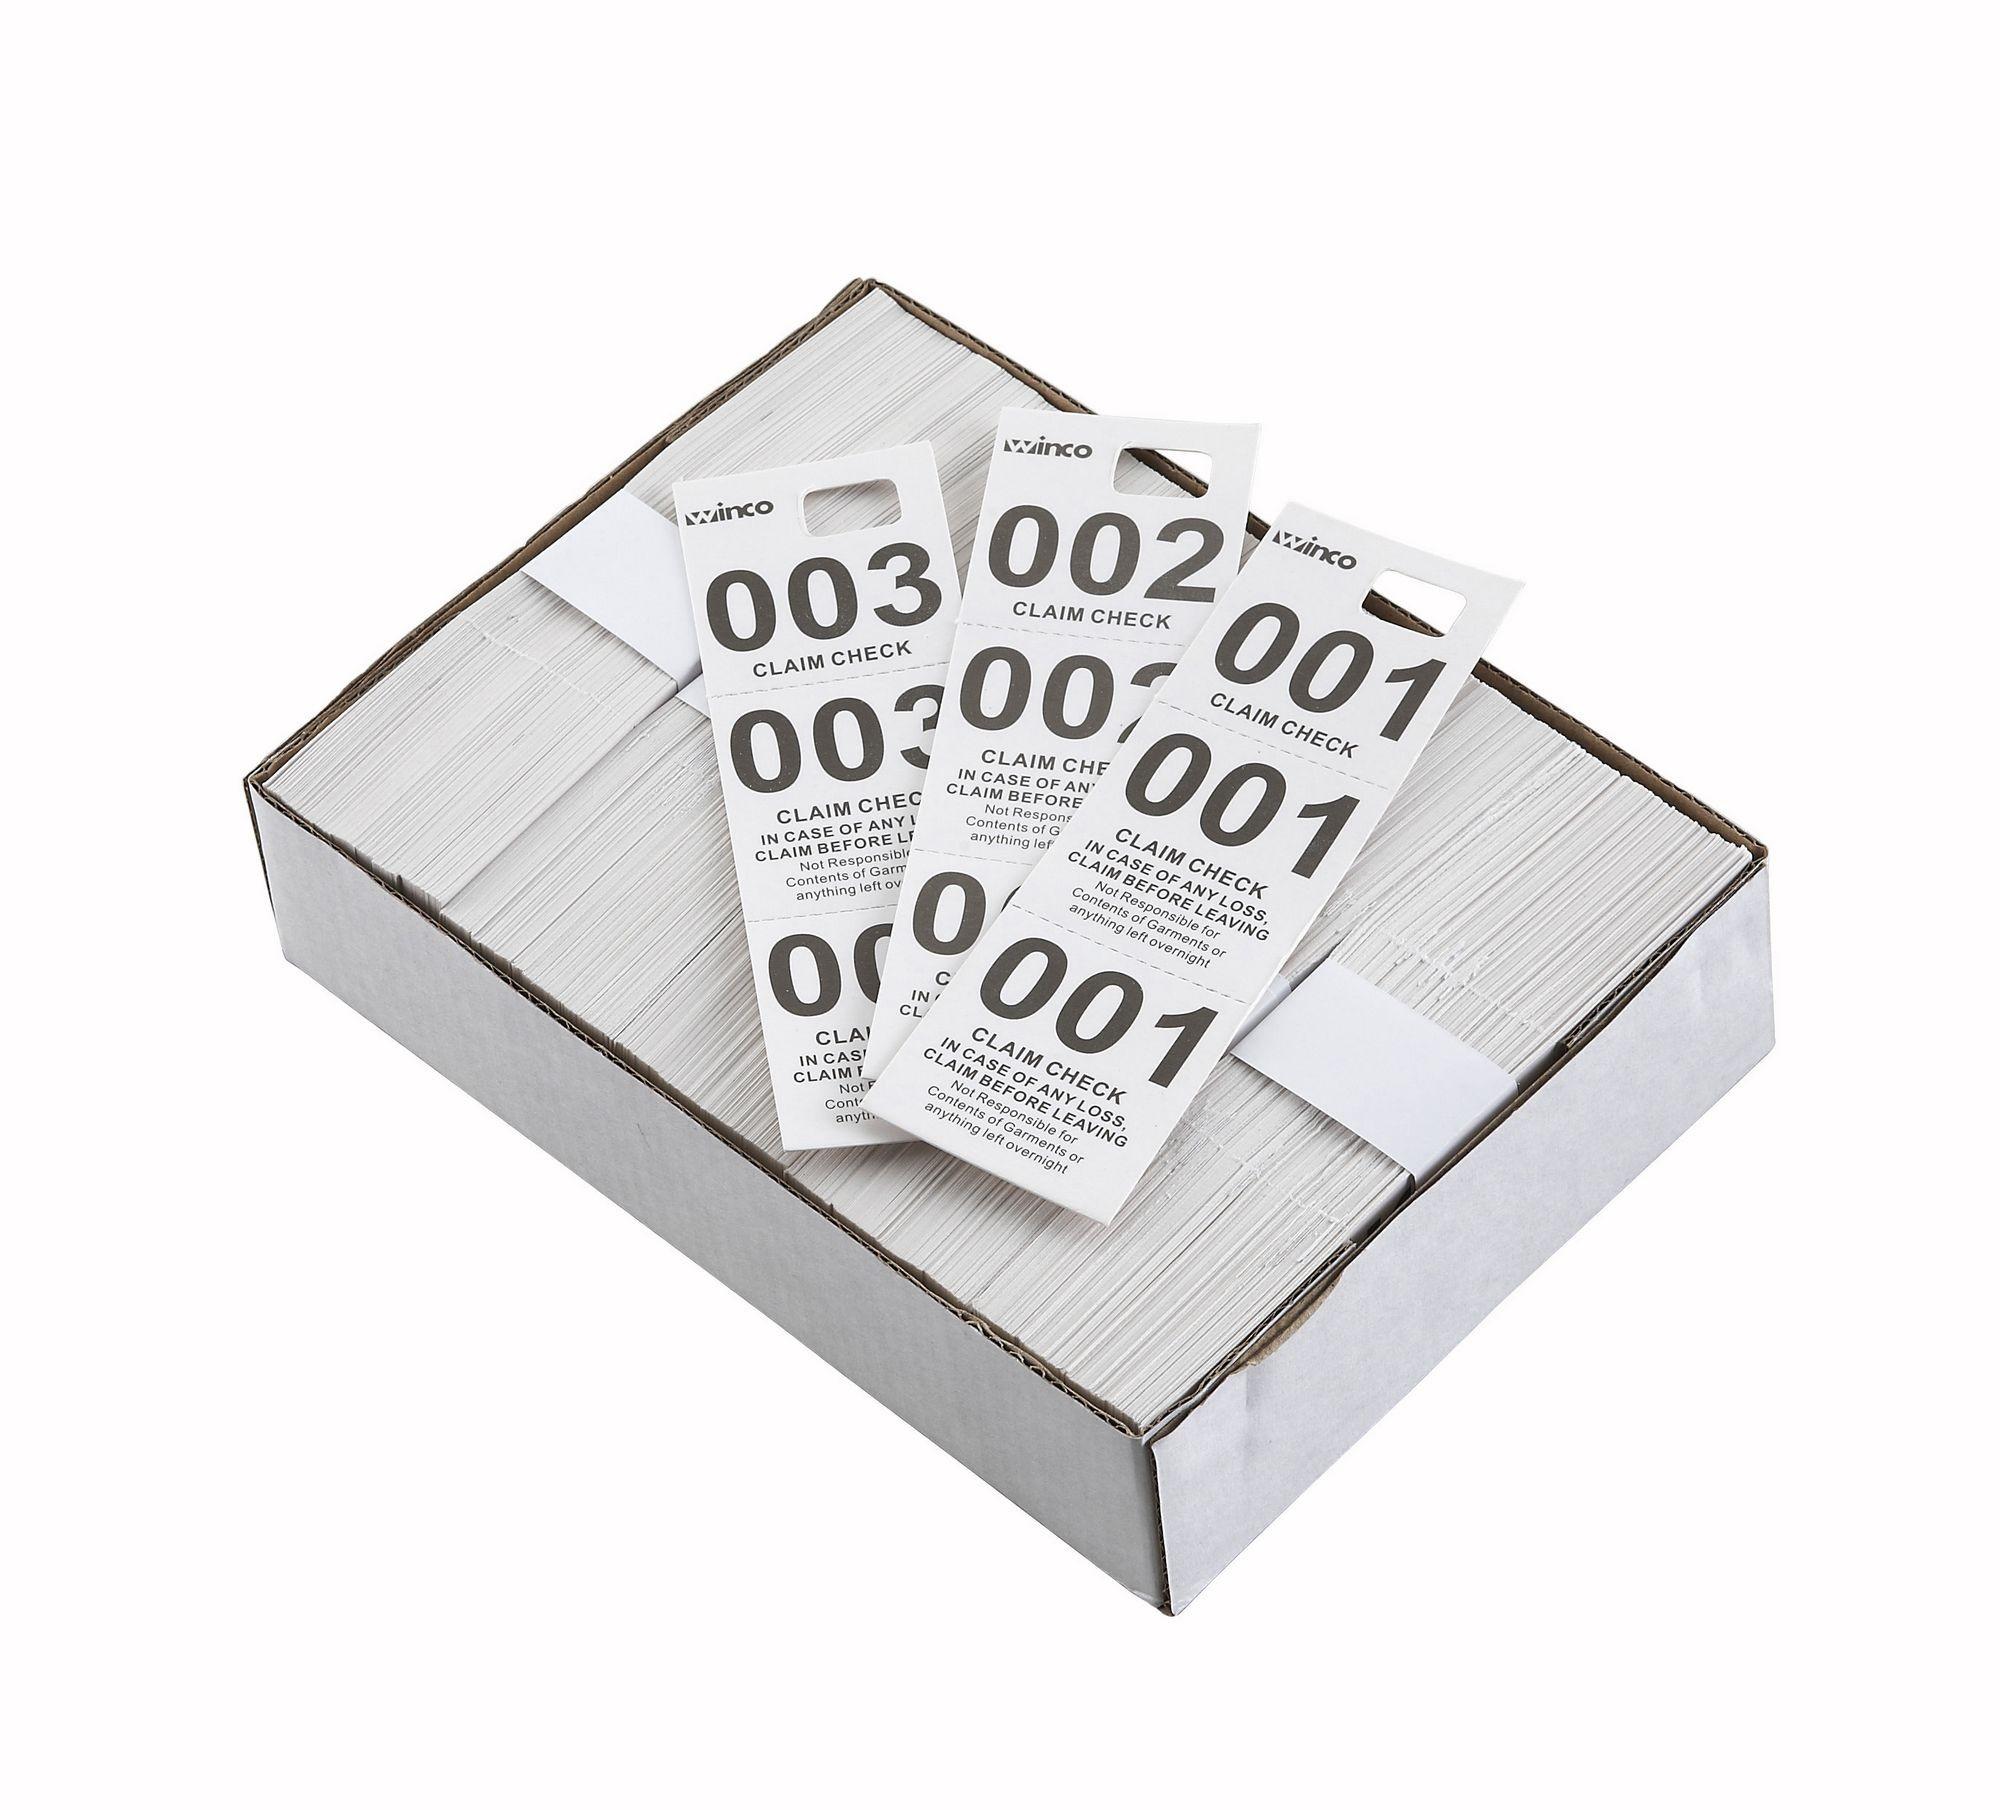 Winco CCK-5WT White Coat Check Tags (500 Pieces per Box)